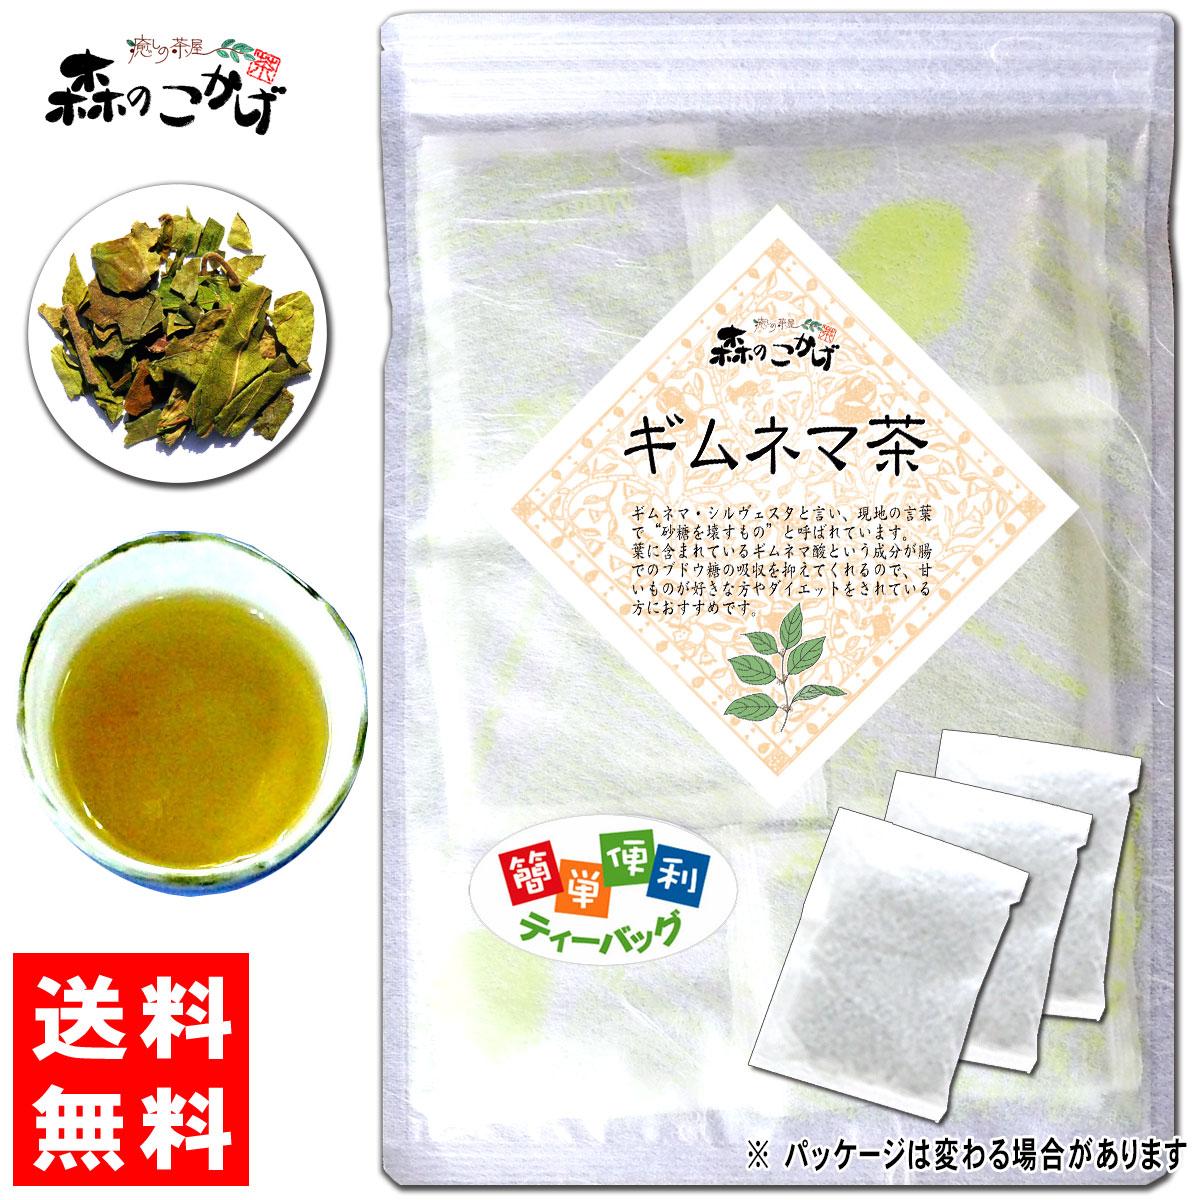 ギムネマ茶 (2g×45p) 6【送料無料】 ギムネマ茶 (2g×45p) 「ティーバッグ」 ≪ぎむねま茶 100%≫ ギムネマシルベスタ ぎむねま 健康茶 ティーパック 森のこかげ 健やかハウス